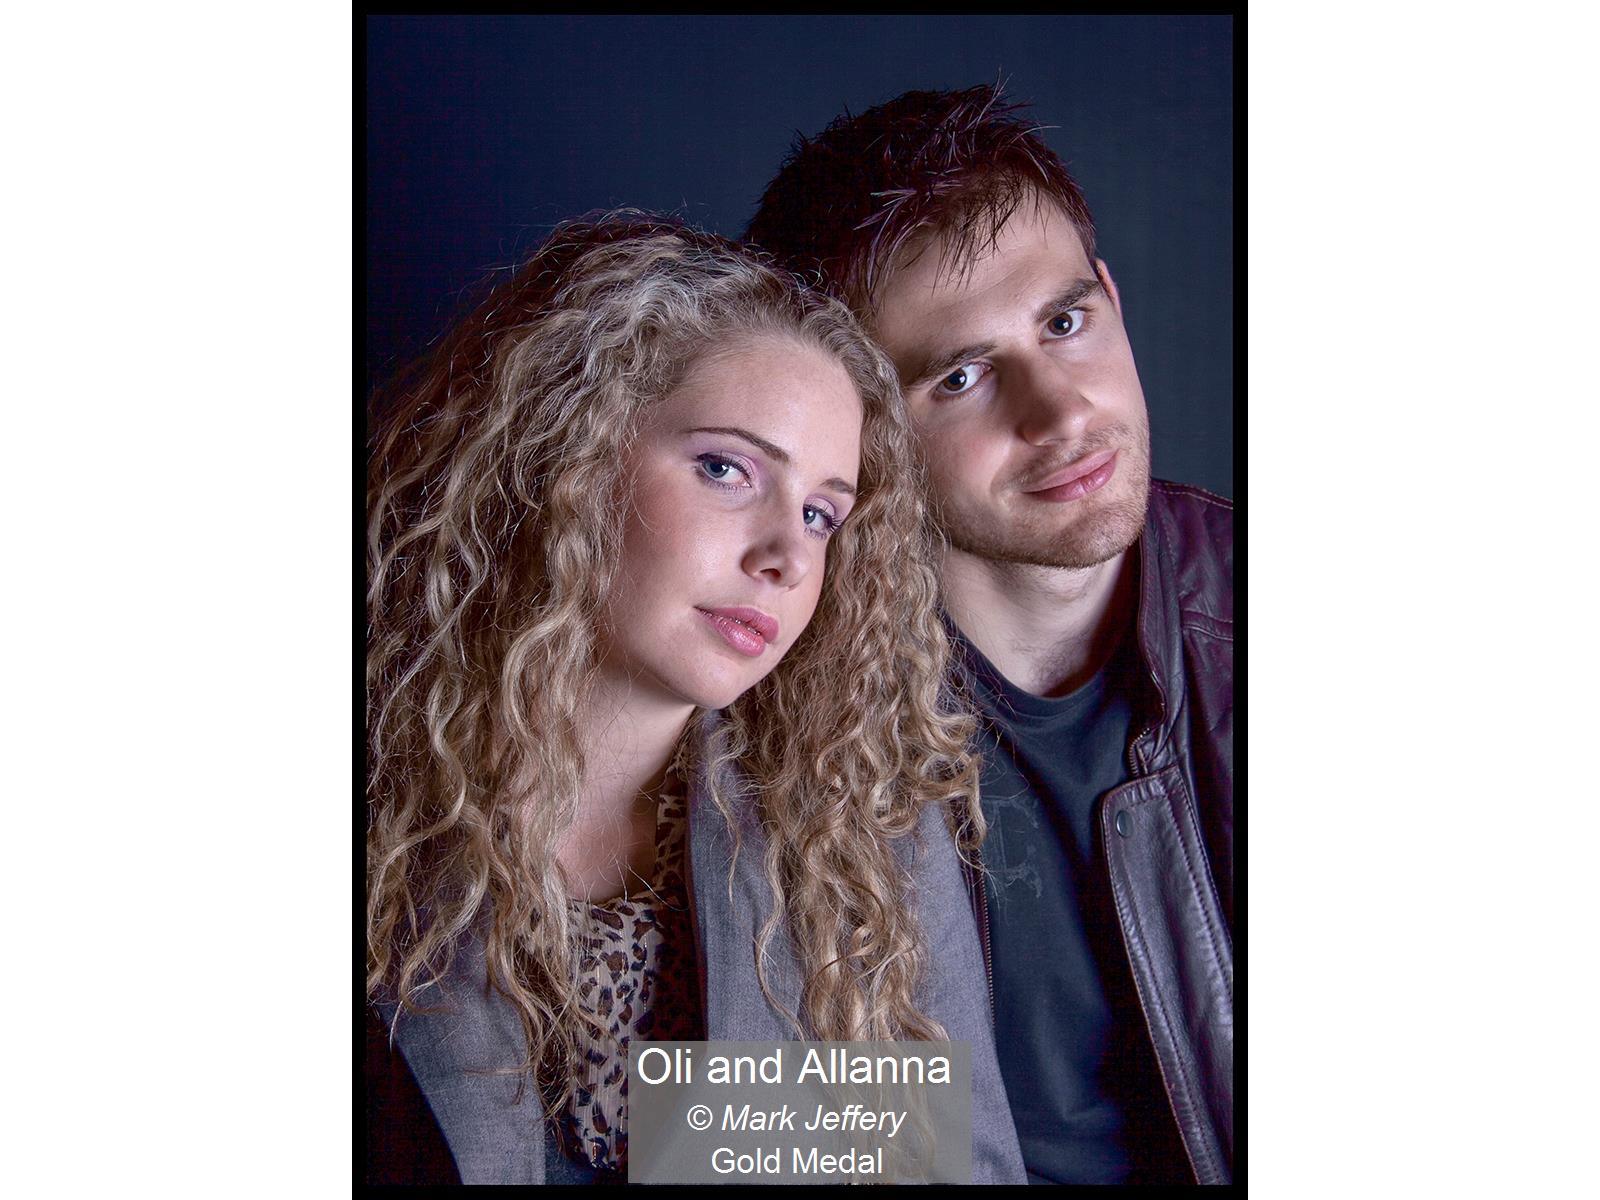 Oli and Allanna_Mark Jeffery_Gold